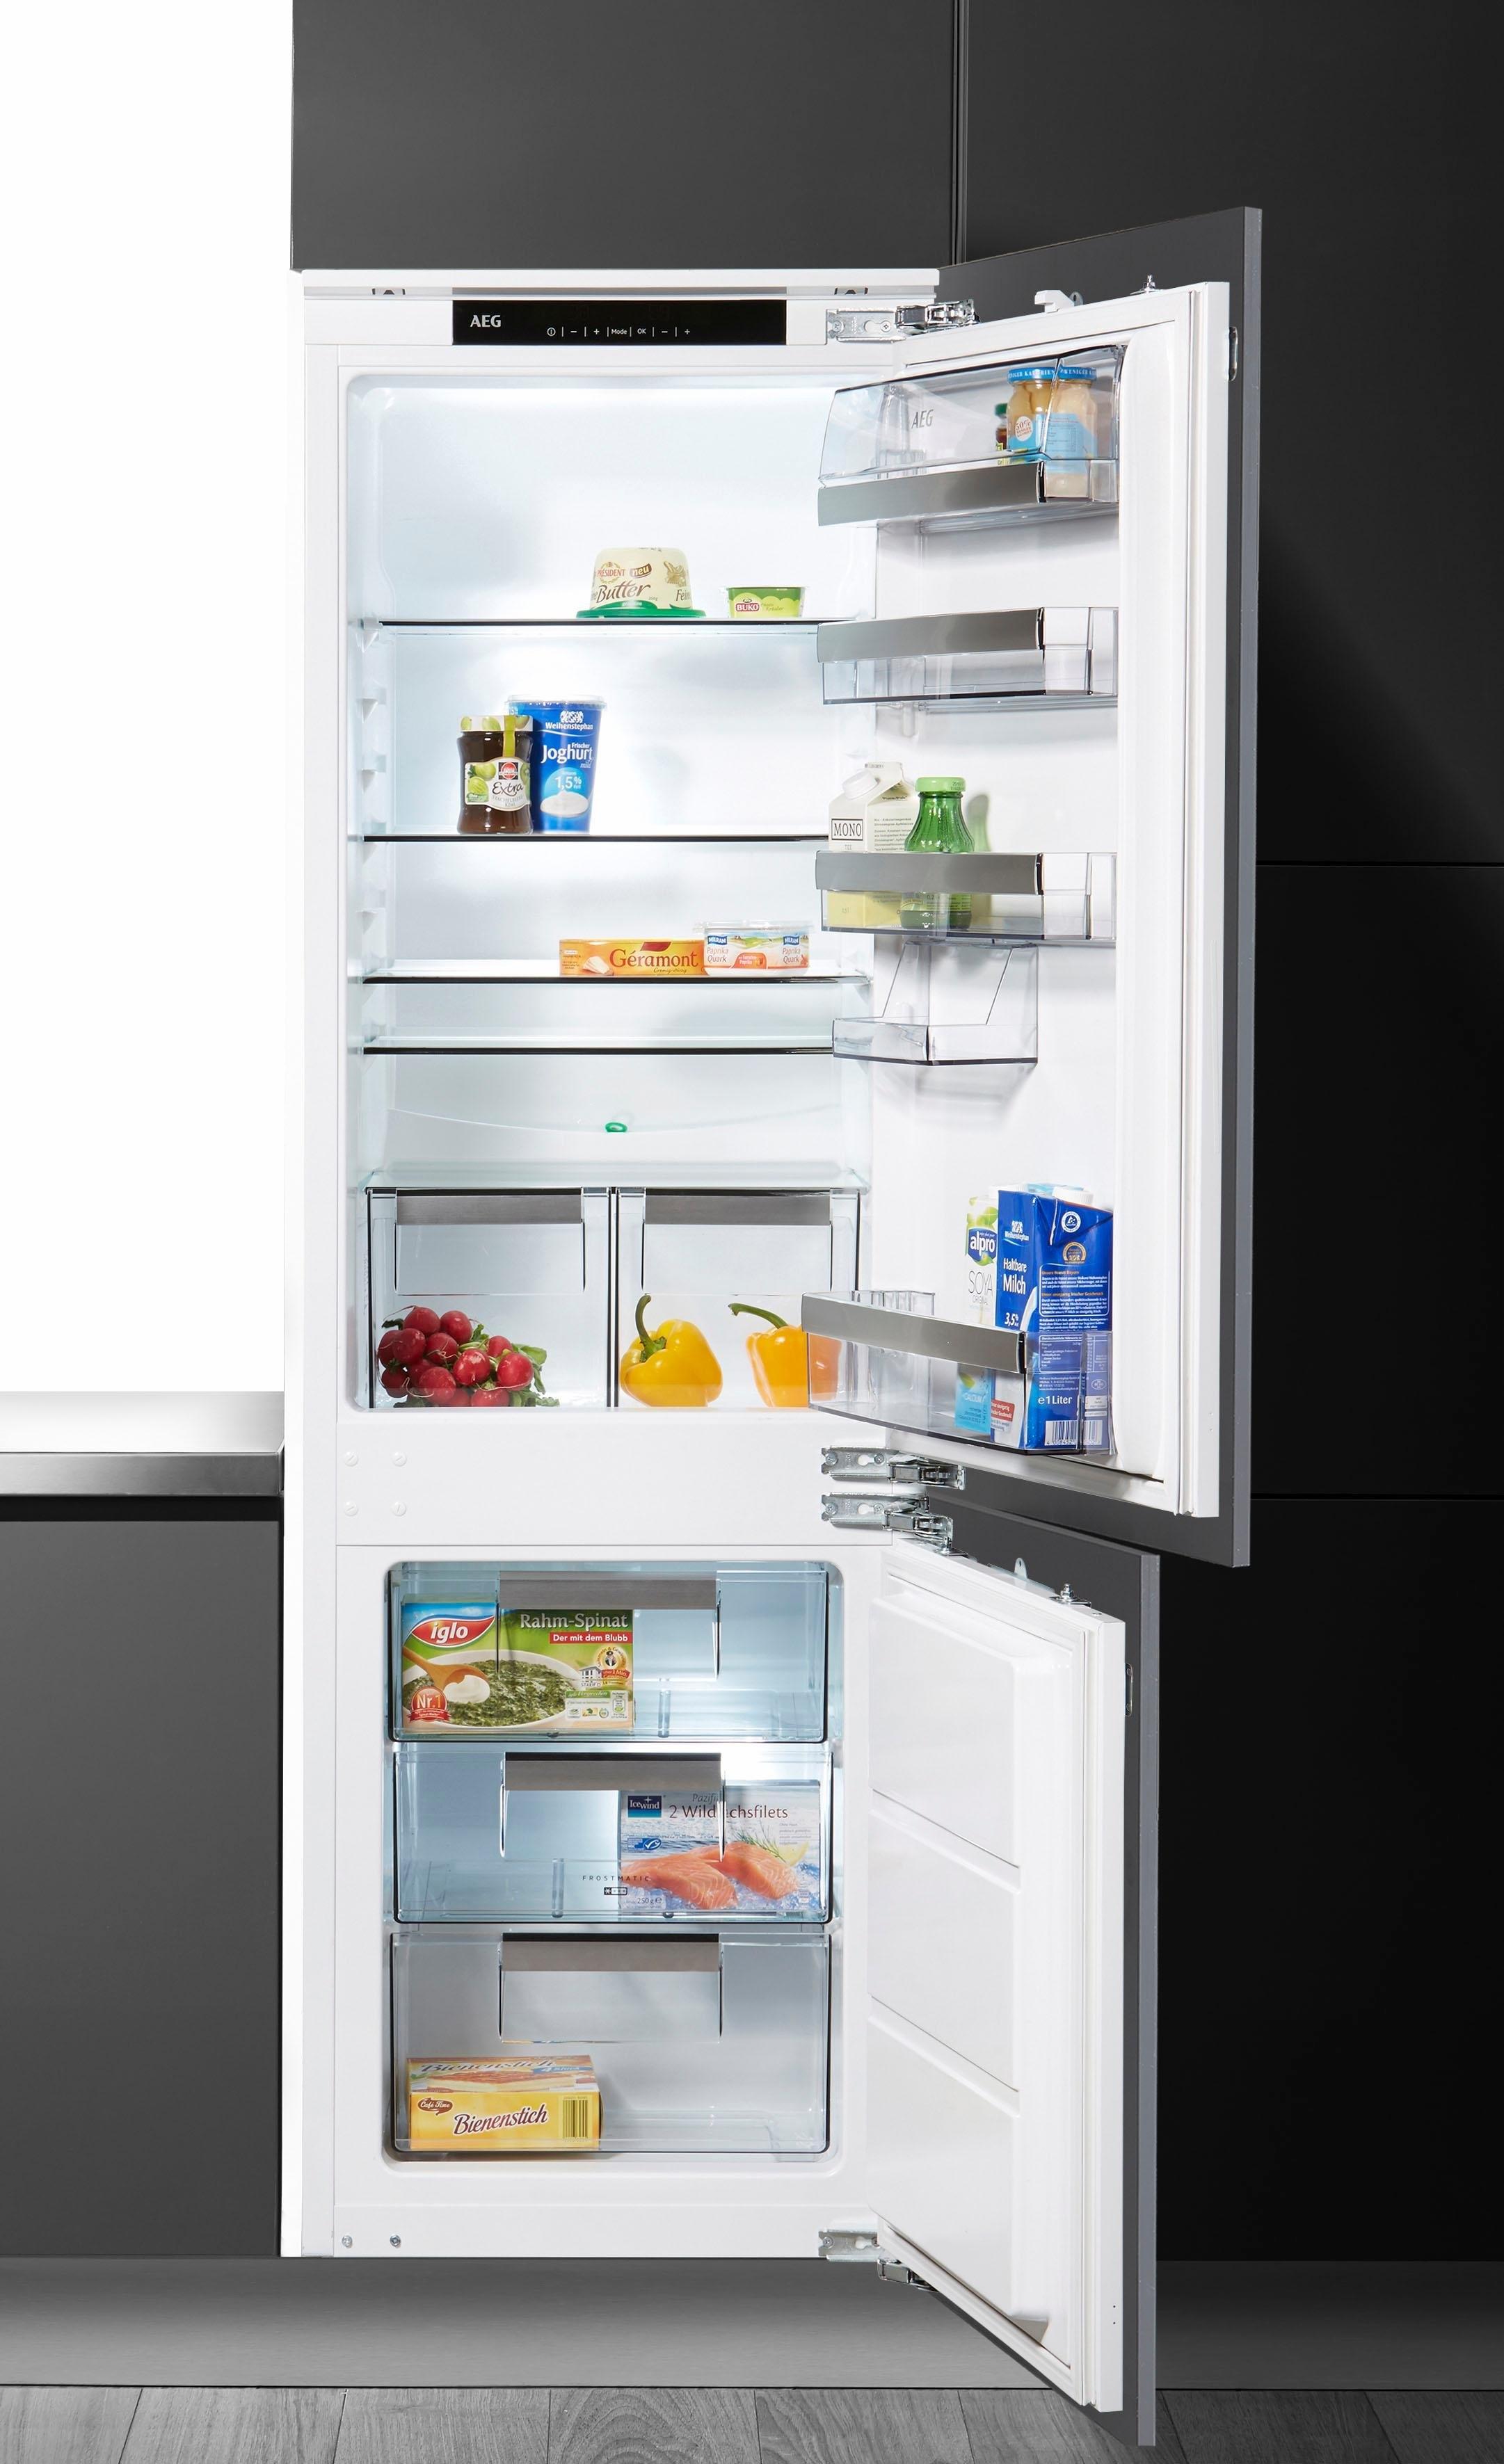 AEG inbouw koel-vriescombinatie SANTO / SCE81821LC, A++, 178 cm voordelig en veilig online kopen